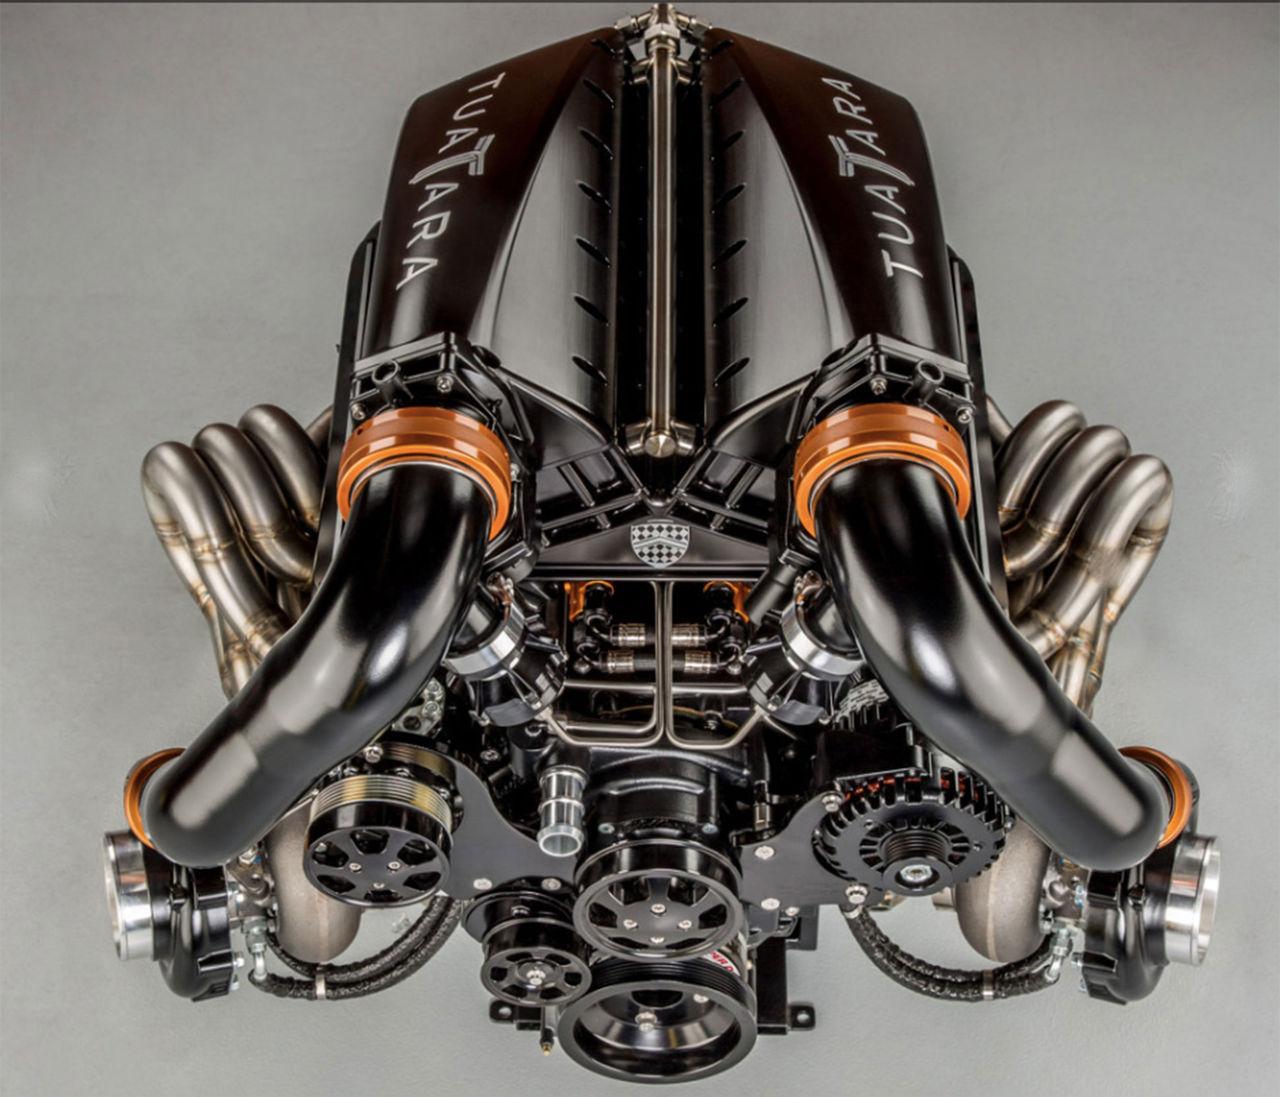 Det här är motorn till SSC Tuatara